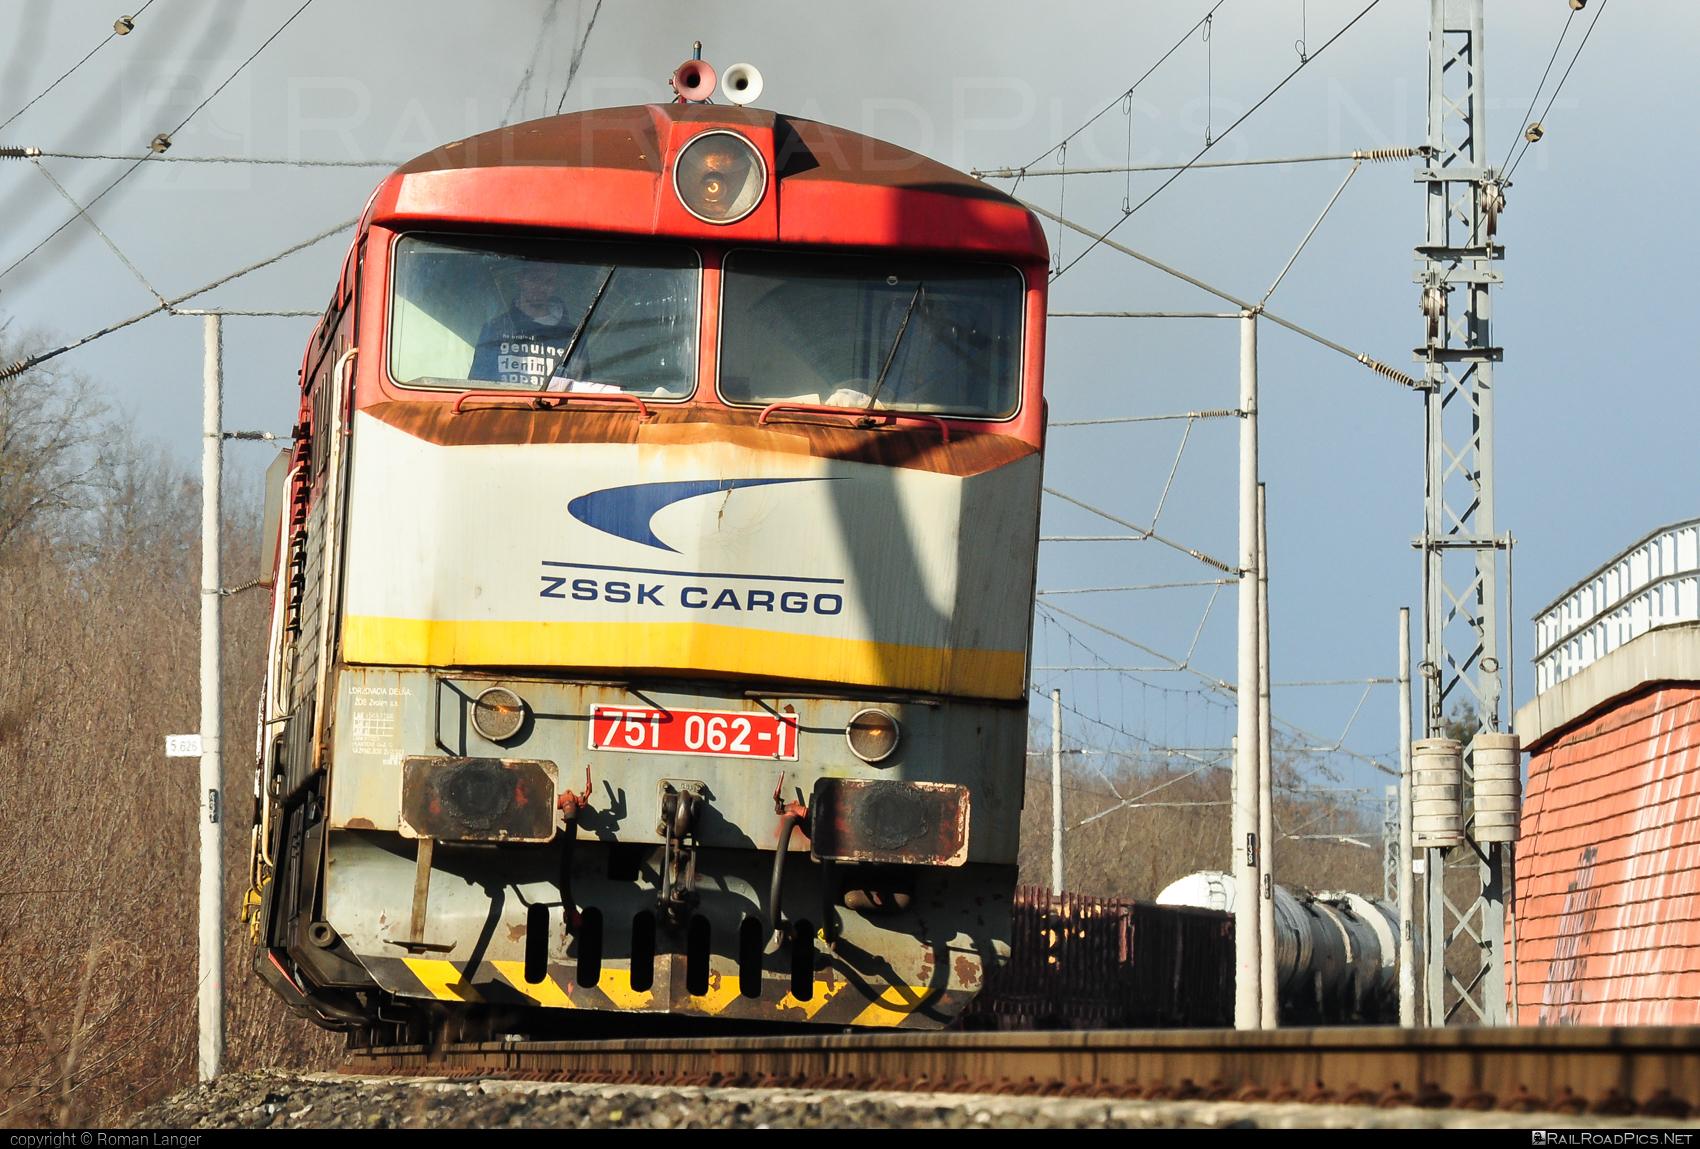 ČKD T 478.1 (751) - 751 062-1 operated by Železničná Spoločnost' Cargo Slovakia a.s. #ZeleznicnaSpolocnostCargoSlovakia #bardotka #ckd #ckd4781 #ckd751 #ckdt4781 #zamracena #zsskcargo